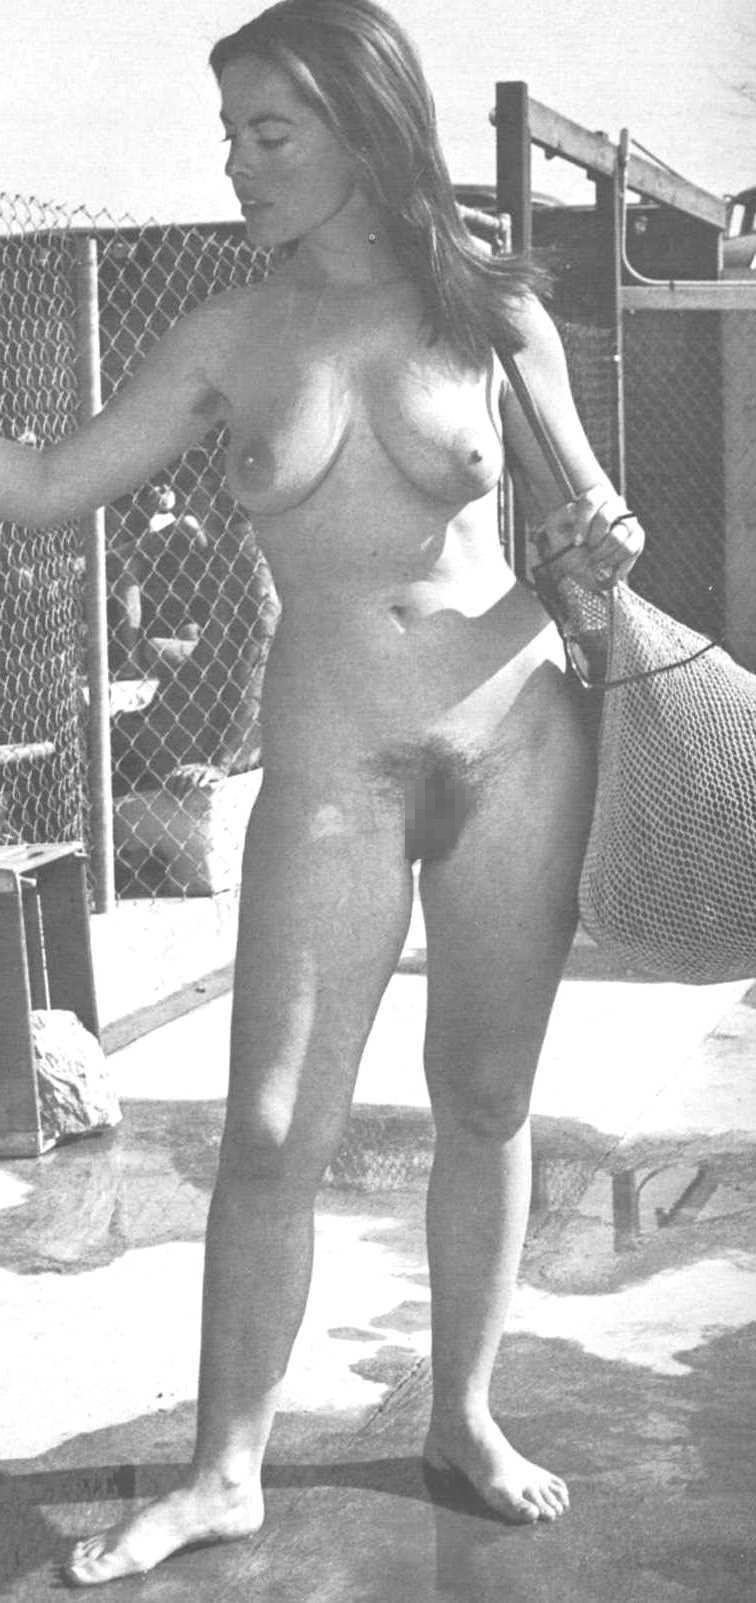 最強の美ボディー30年以上前の海外ポルノ写真をご覧ください。(42枚)・38枚目